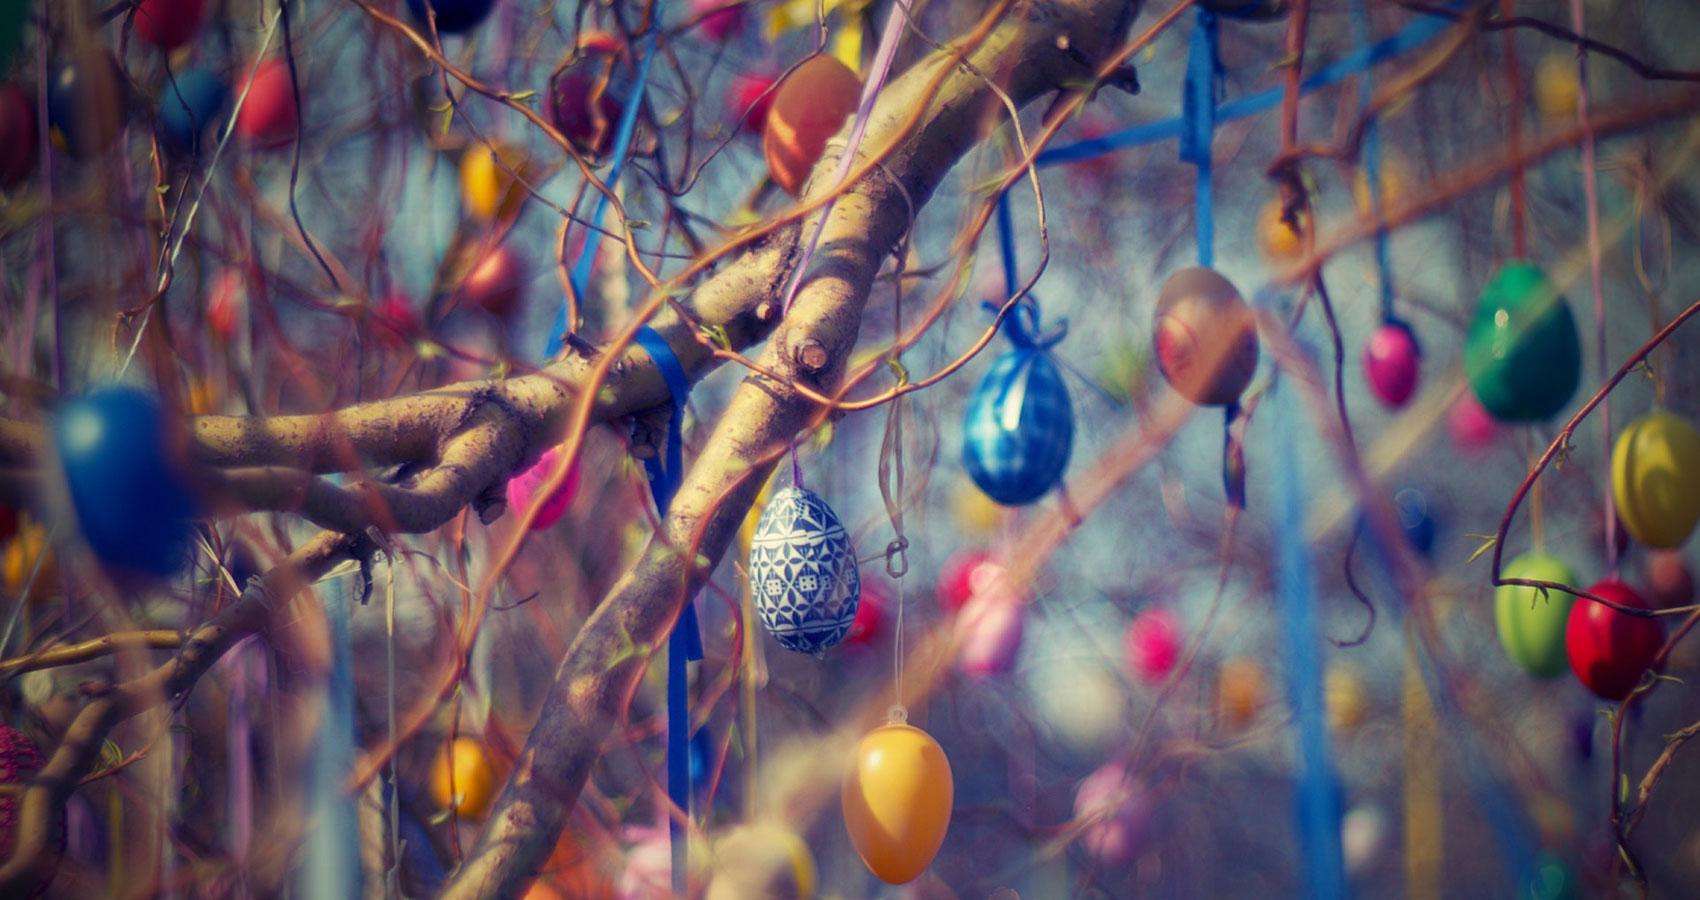 The Easter Egg Hunt by Roger Turner at Spillwords.com